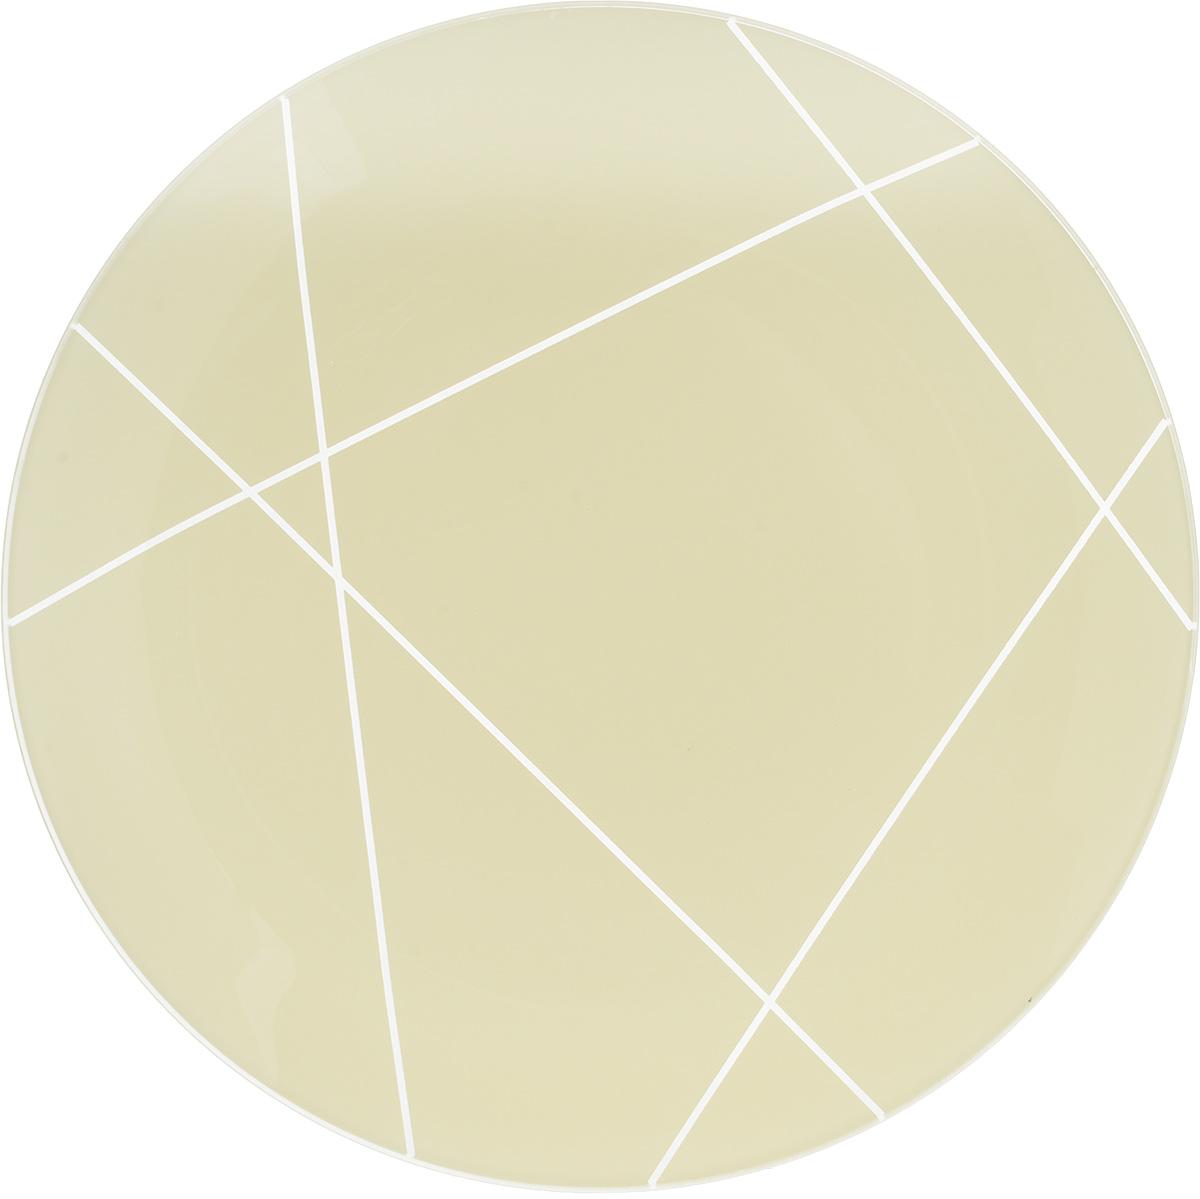 Тарелка NiNaGlass Контур, цвет: светло-бежевый, диаметр 30 см85-300-002/белТарелка NiNaGlass Виктория выполнена из высококачественного стекла и оформлена красивым прозрачным геометрическим принтом. Тарелка идеальна для подачи вторых блюд, а также сервировки закусок, нарезок, салатов, овощей и фруктов. Она отлично подойдет как для повседневных, так и для торжественных случаев.Такая тарелка прекрасно впишется в интерьер вашей кухни и станет достойным дополнением к кухонному инвентарю.